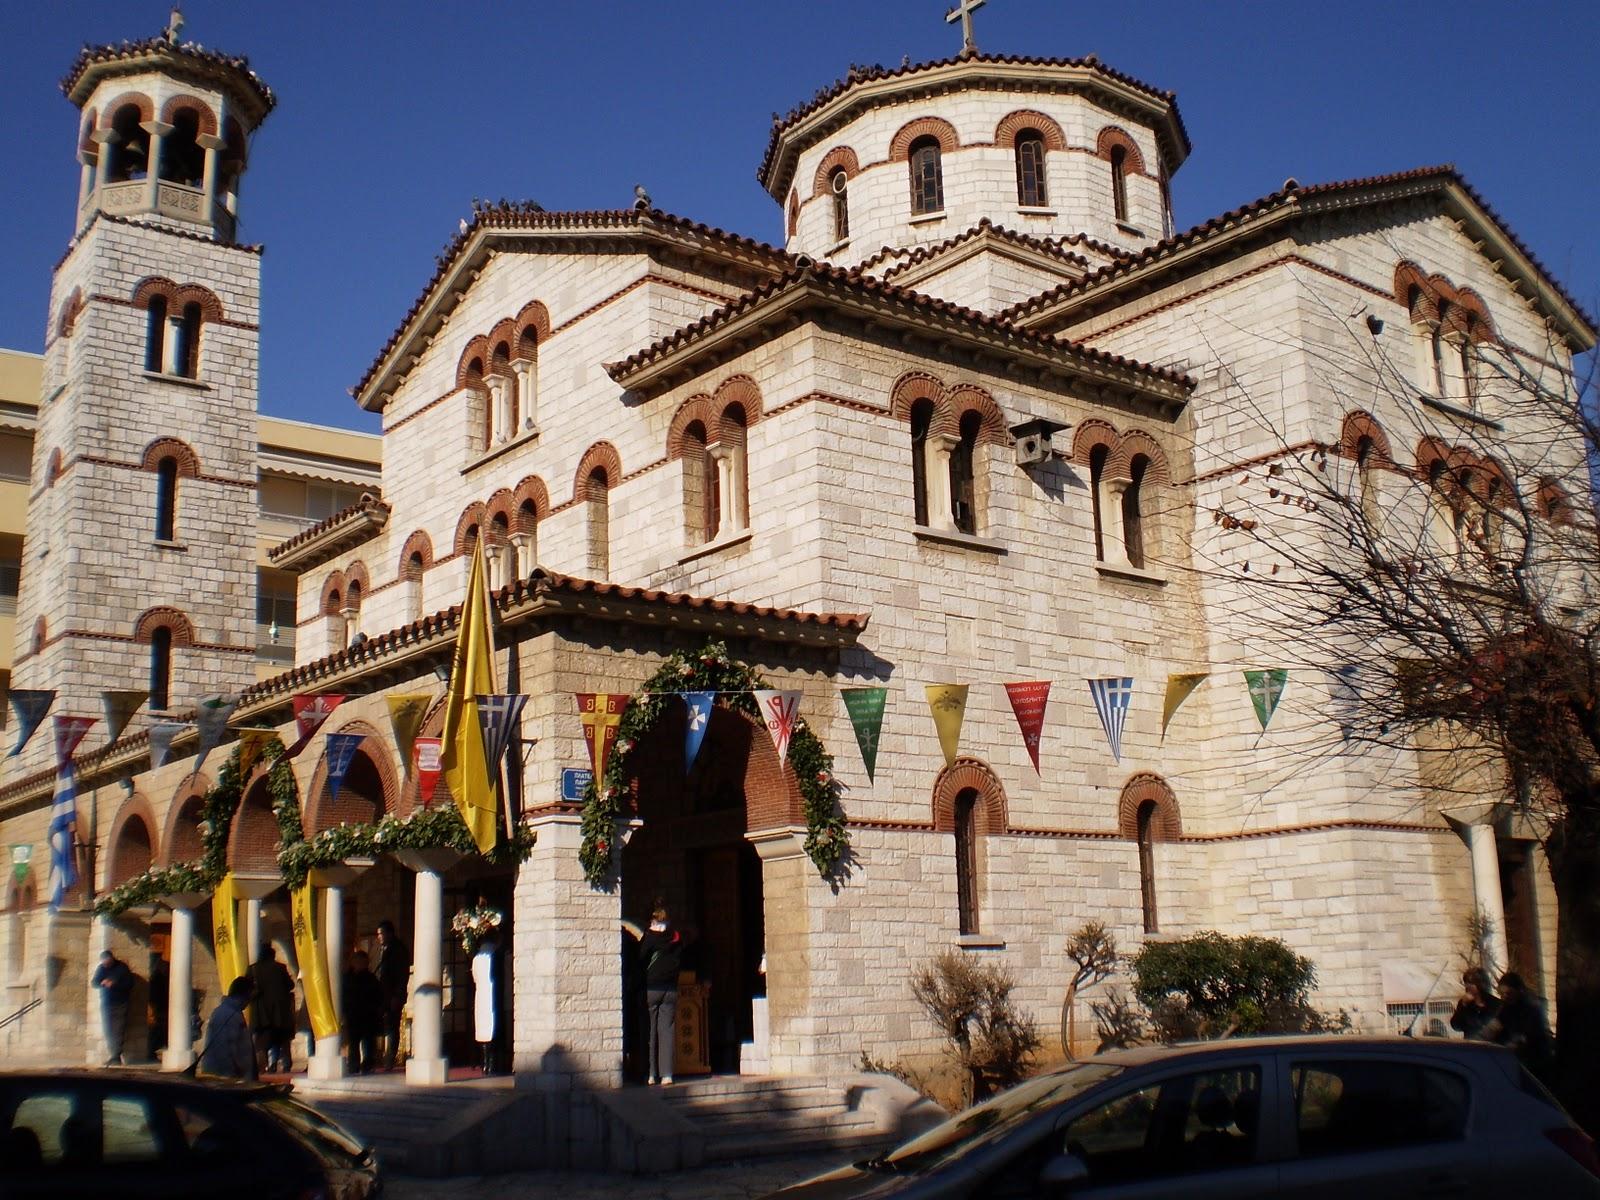 Αποτέλεσμα εικόνας για Ναό του Αγίου Νεομάρτυρος Γεωργίου ΙΩΑΝΝΙΝΩΝ